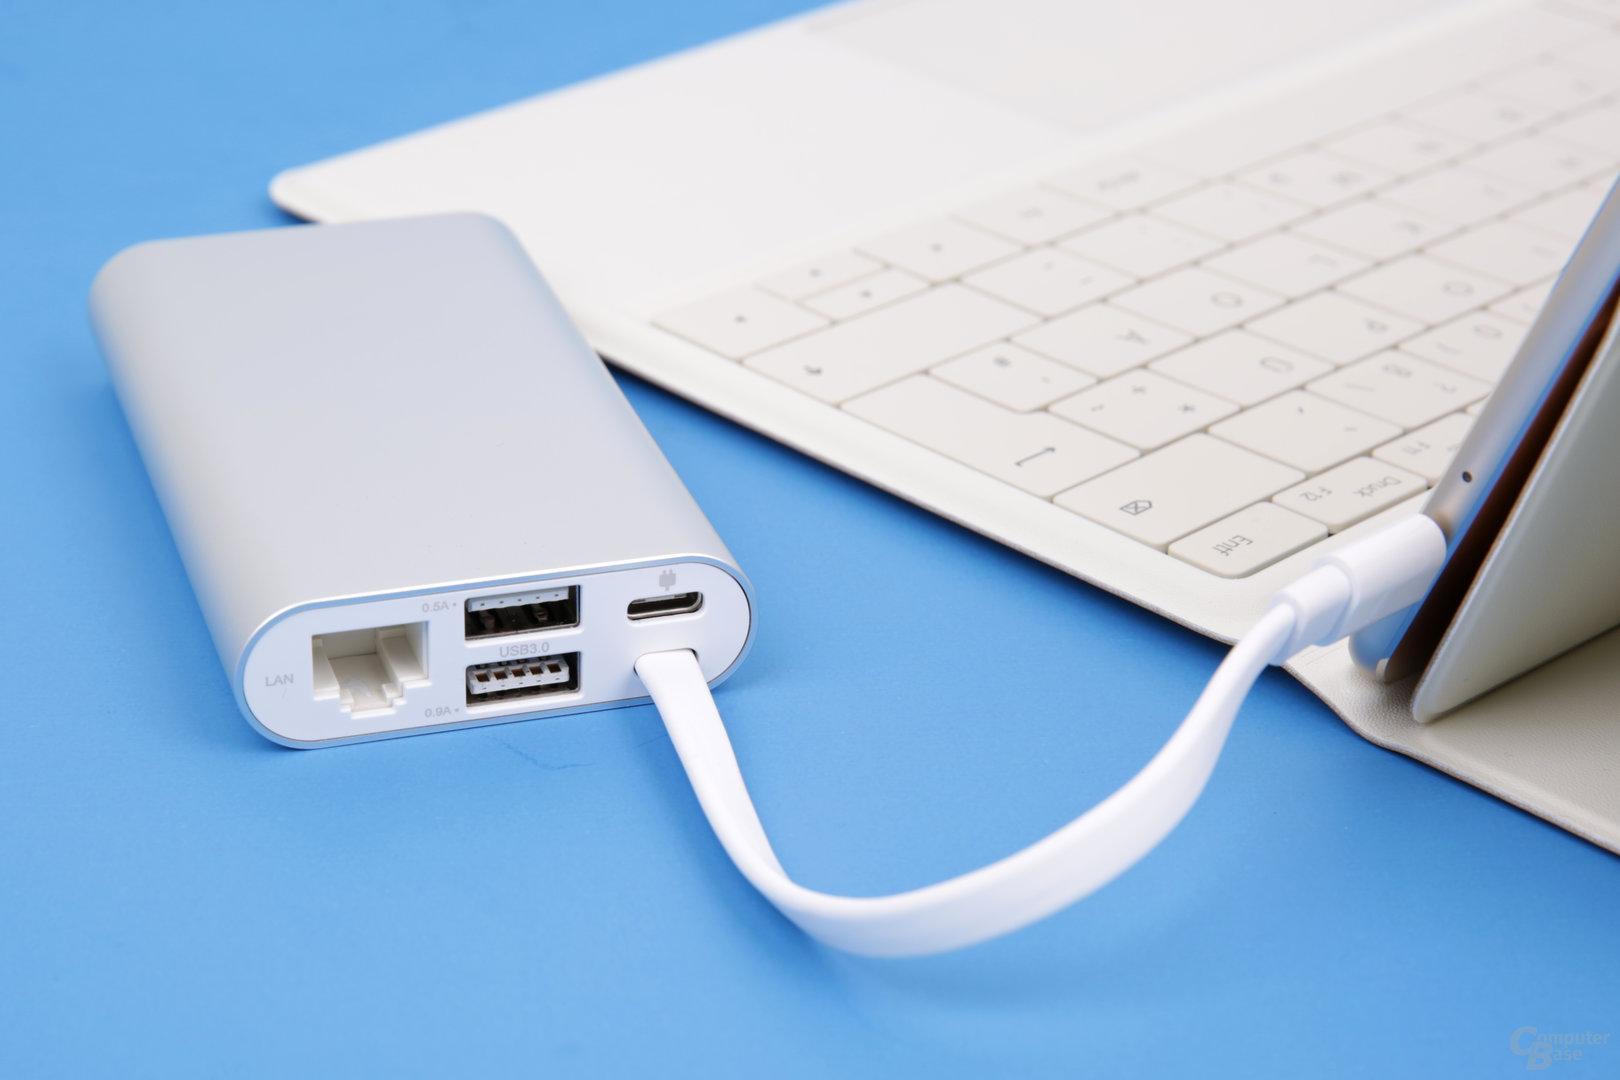 Huawei MateDock: USB & LAN